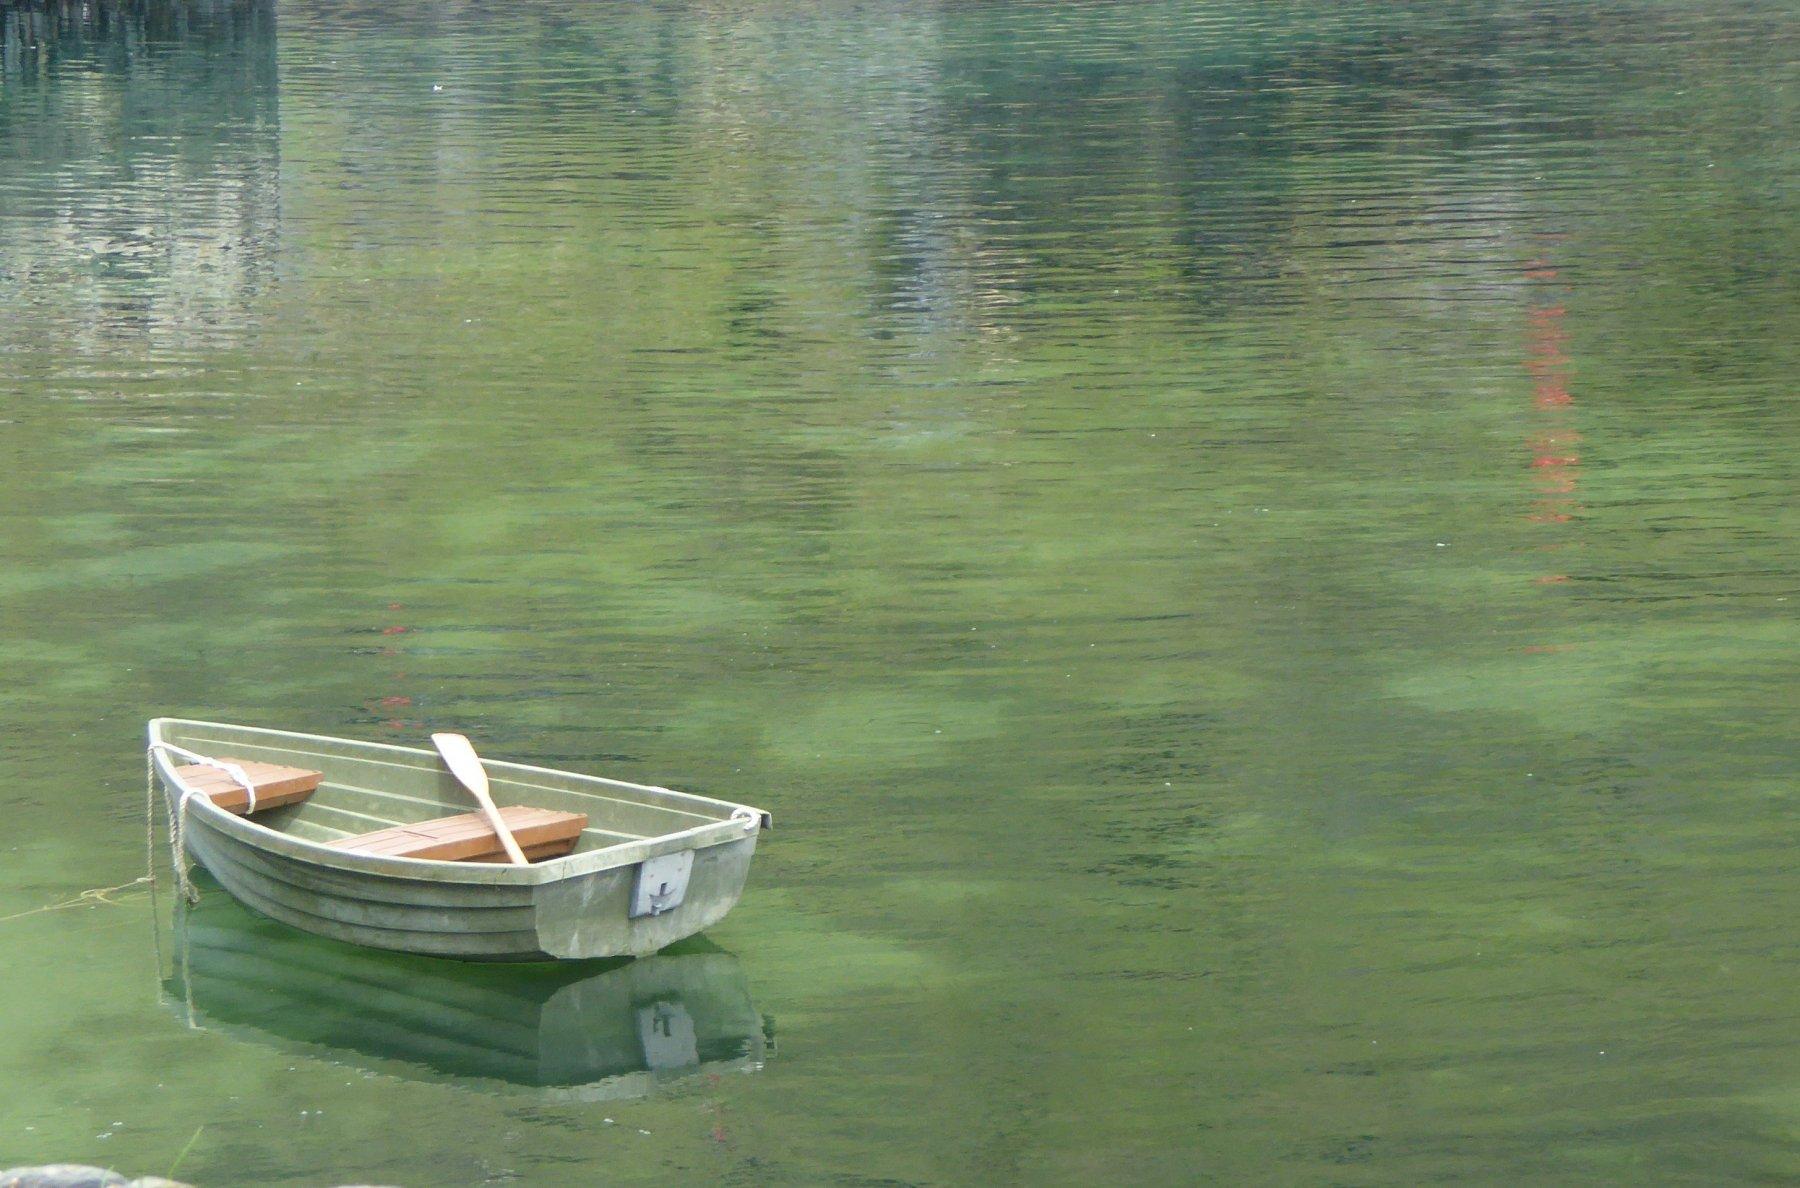 Boat in Boscastle harbour